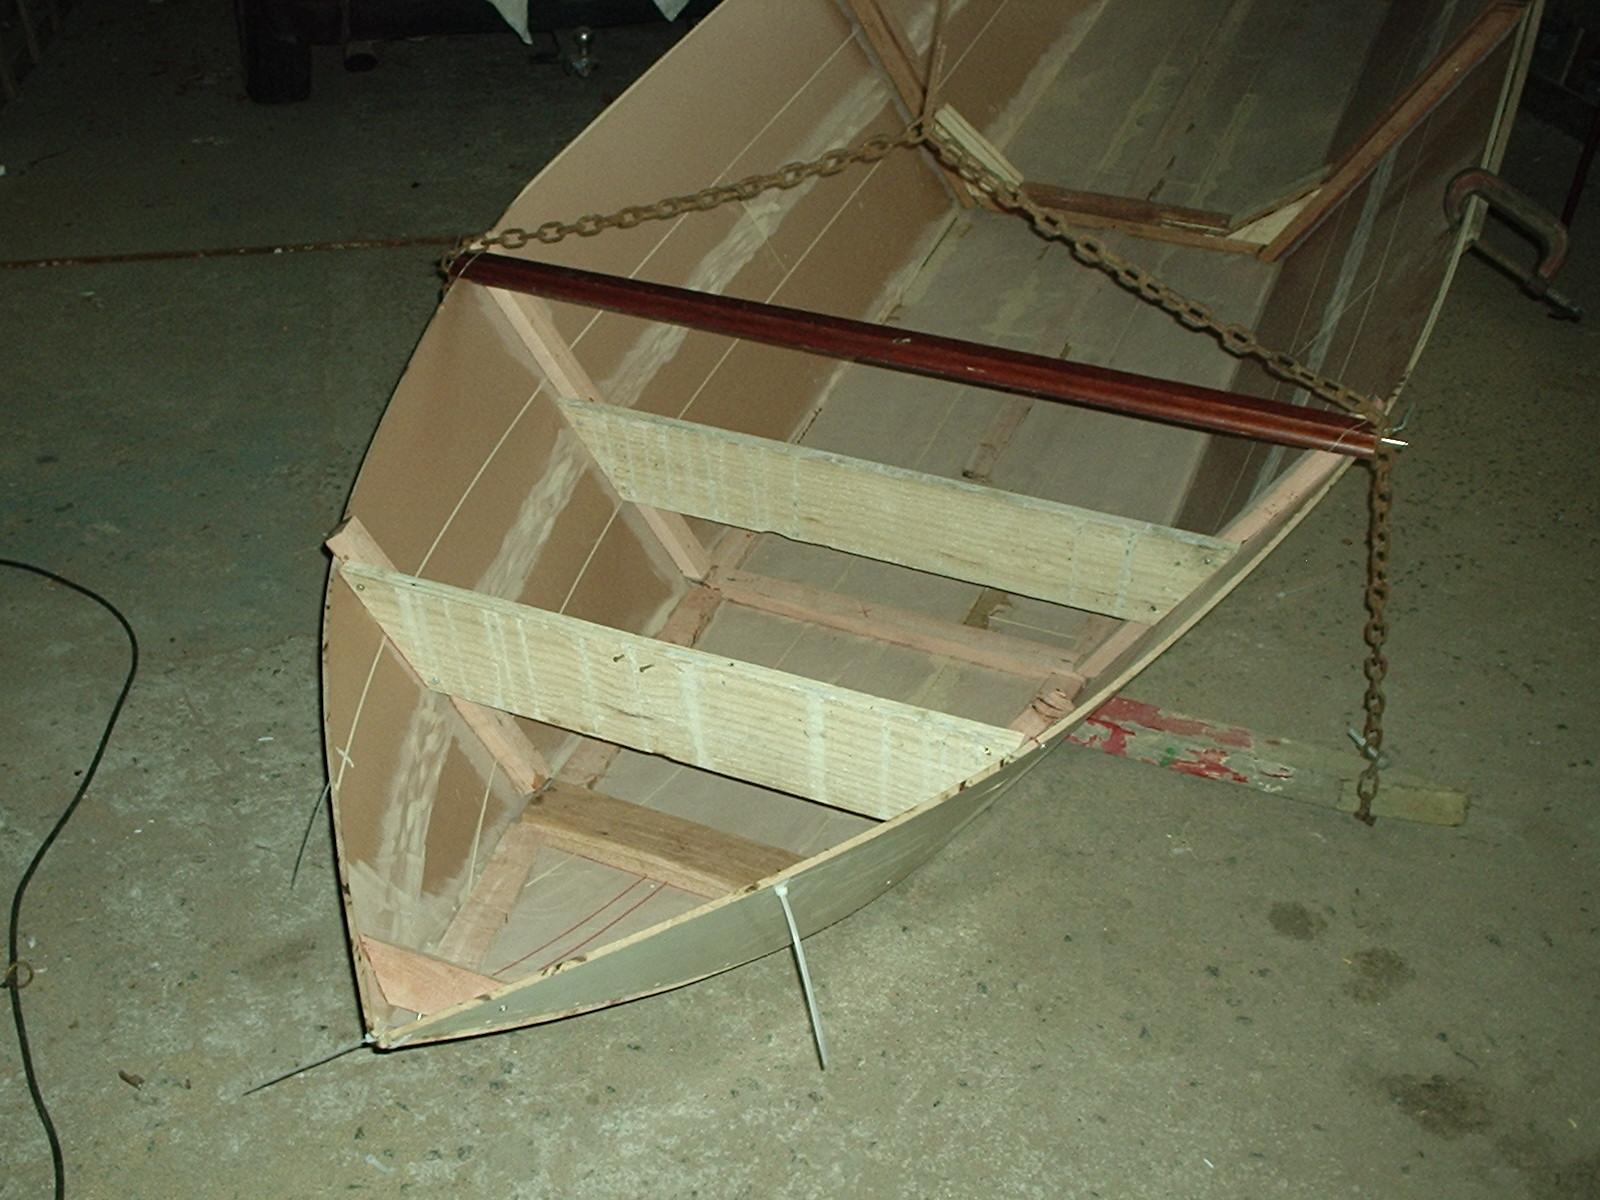 barco de madeira 4 70m: Passo a passo retrospectiva #5E4C31 1600x1200